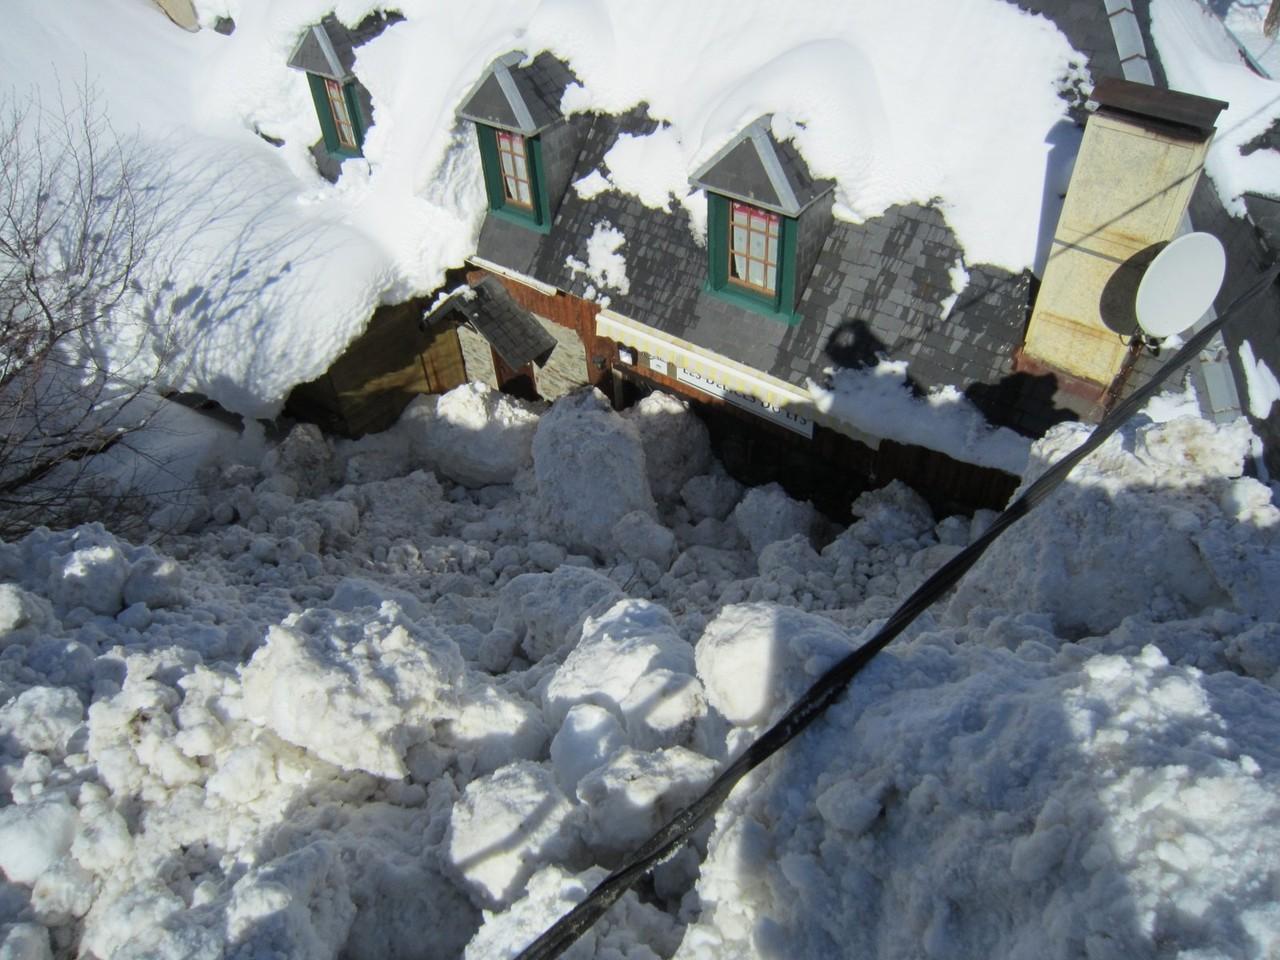 Il s'en est fallu de peu pour que l'avalanche n'emporte l'auberge © Mairie de Luchon